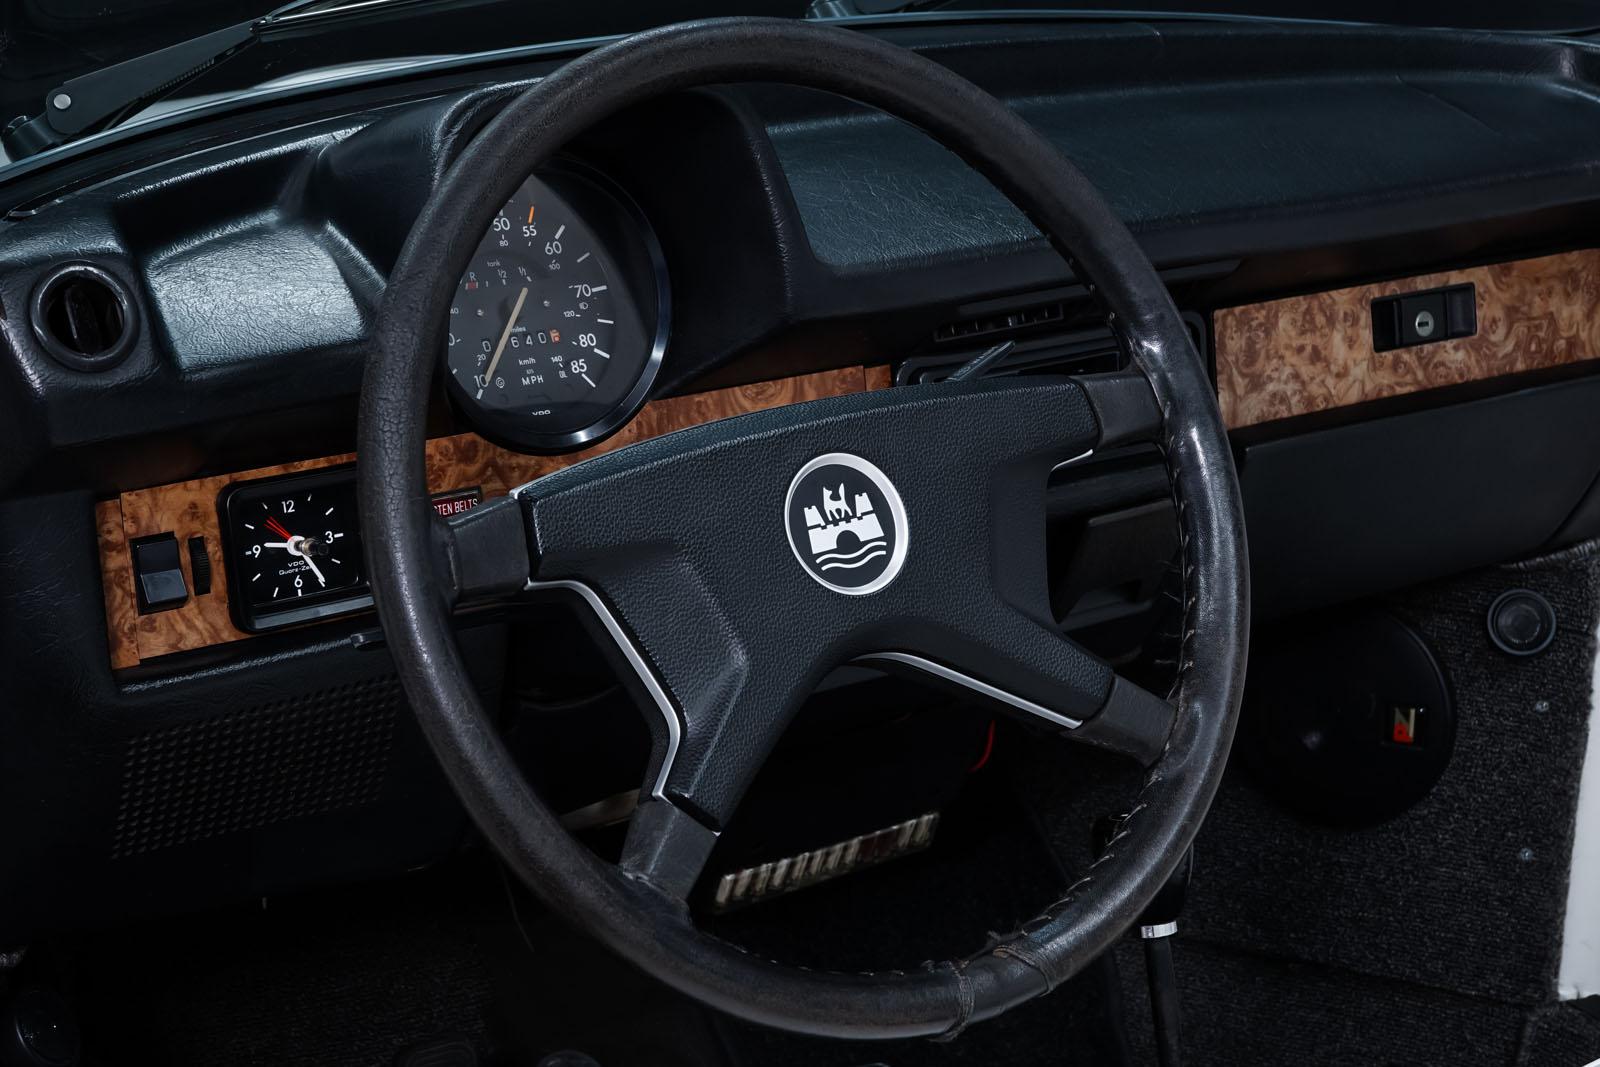 VW_Käfer_Cabrio_Weiß_Weiß_VW-3481_10_w